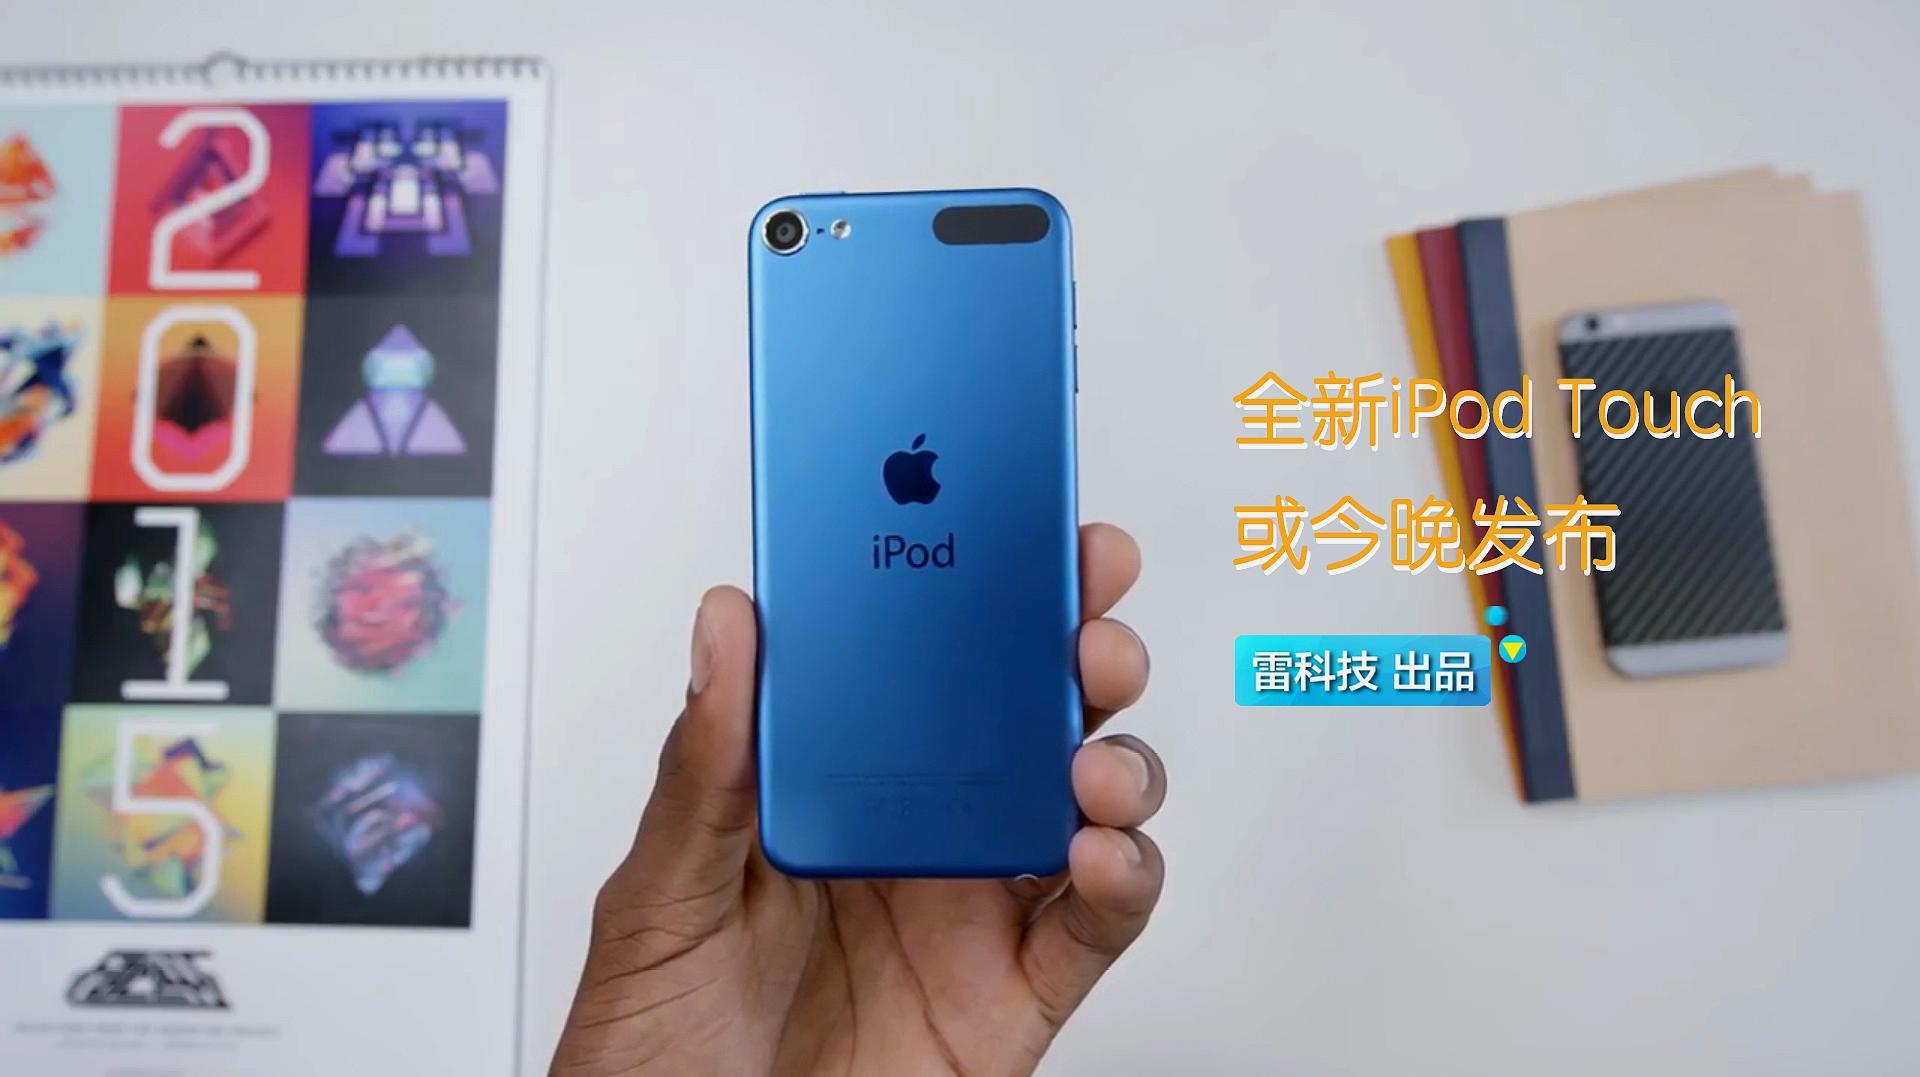 外媒表示苹果今晚还要发布新硬件:新iPod Touch来了?